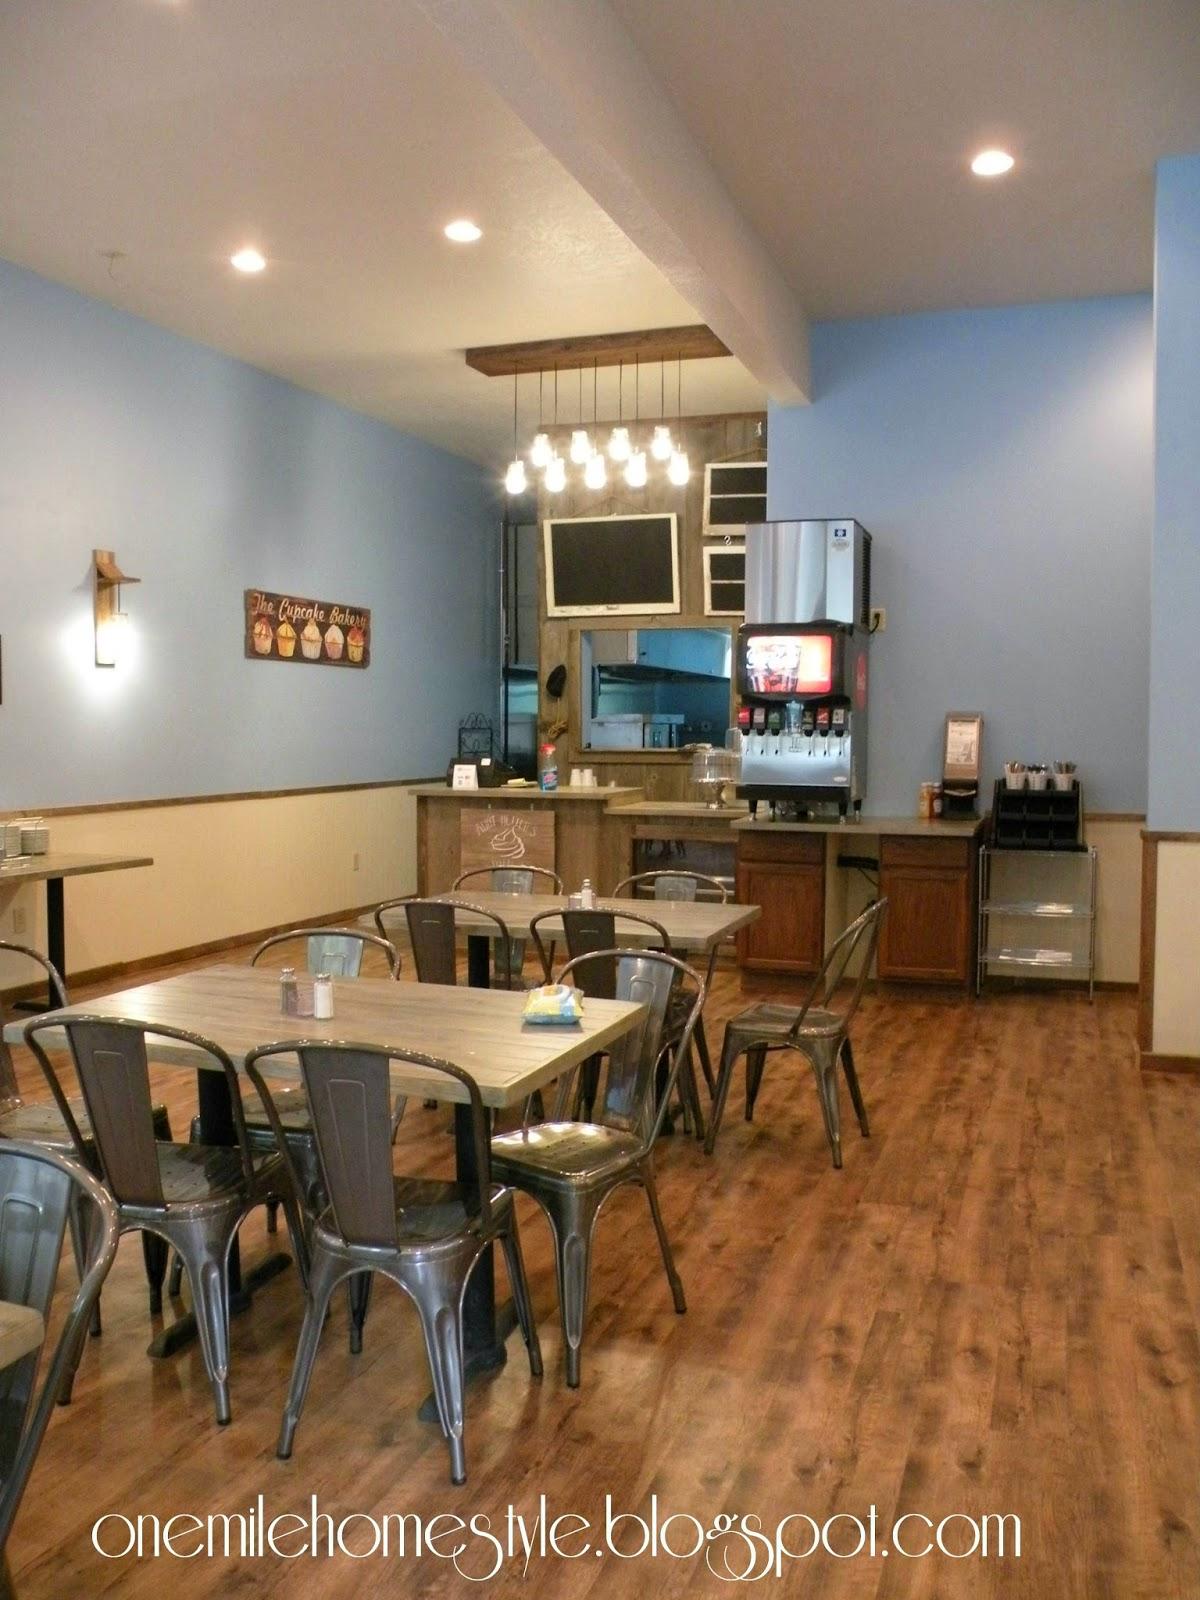 Aunt Netter's Cafe - After